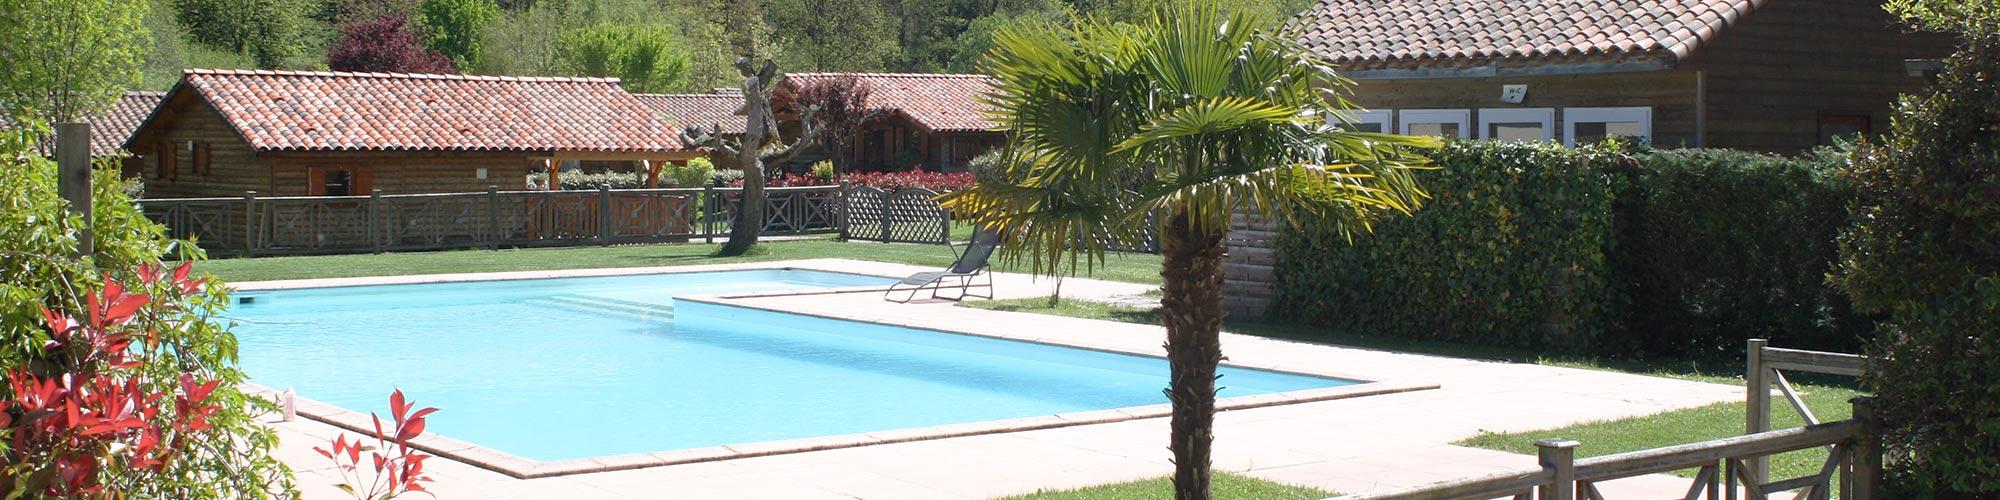 TAILLADE DE MONTSEGUR locations vacances Sud France, de type chalet en bois en Ariège dans les pyrénées avec piscine découverte